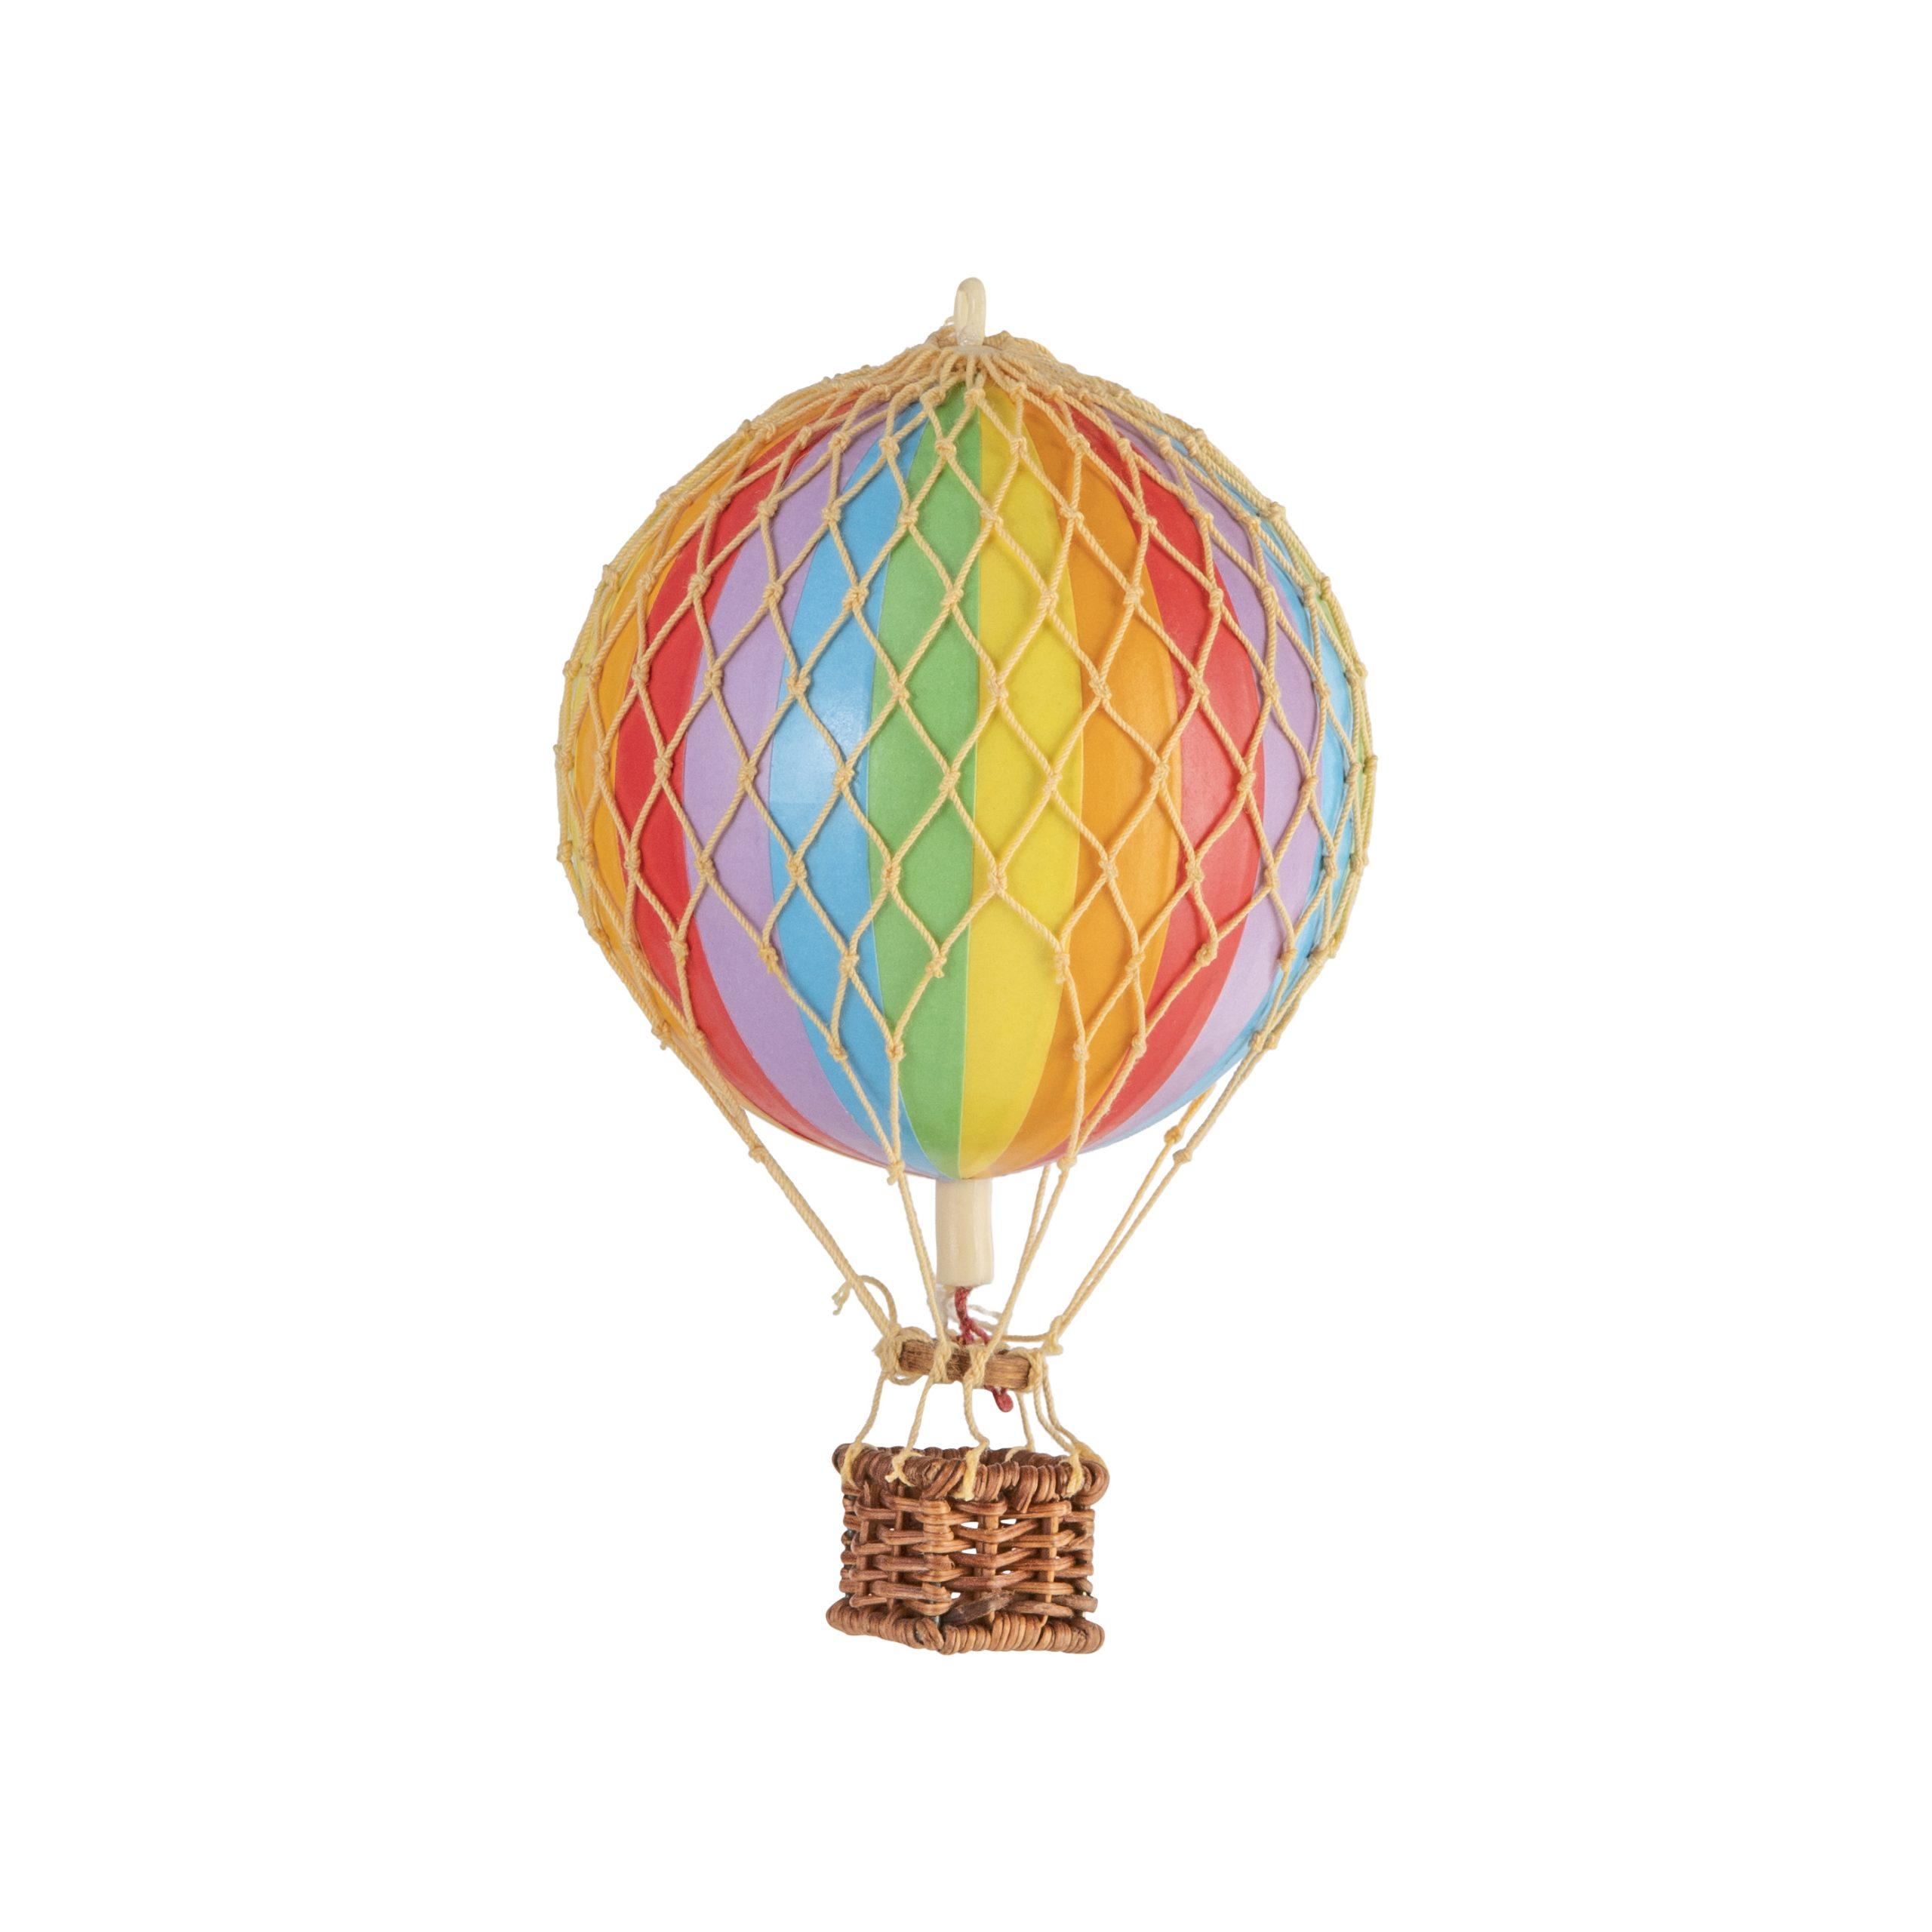 כדור פורח – צבעי הקשת